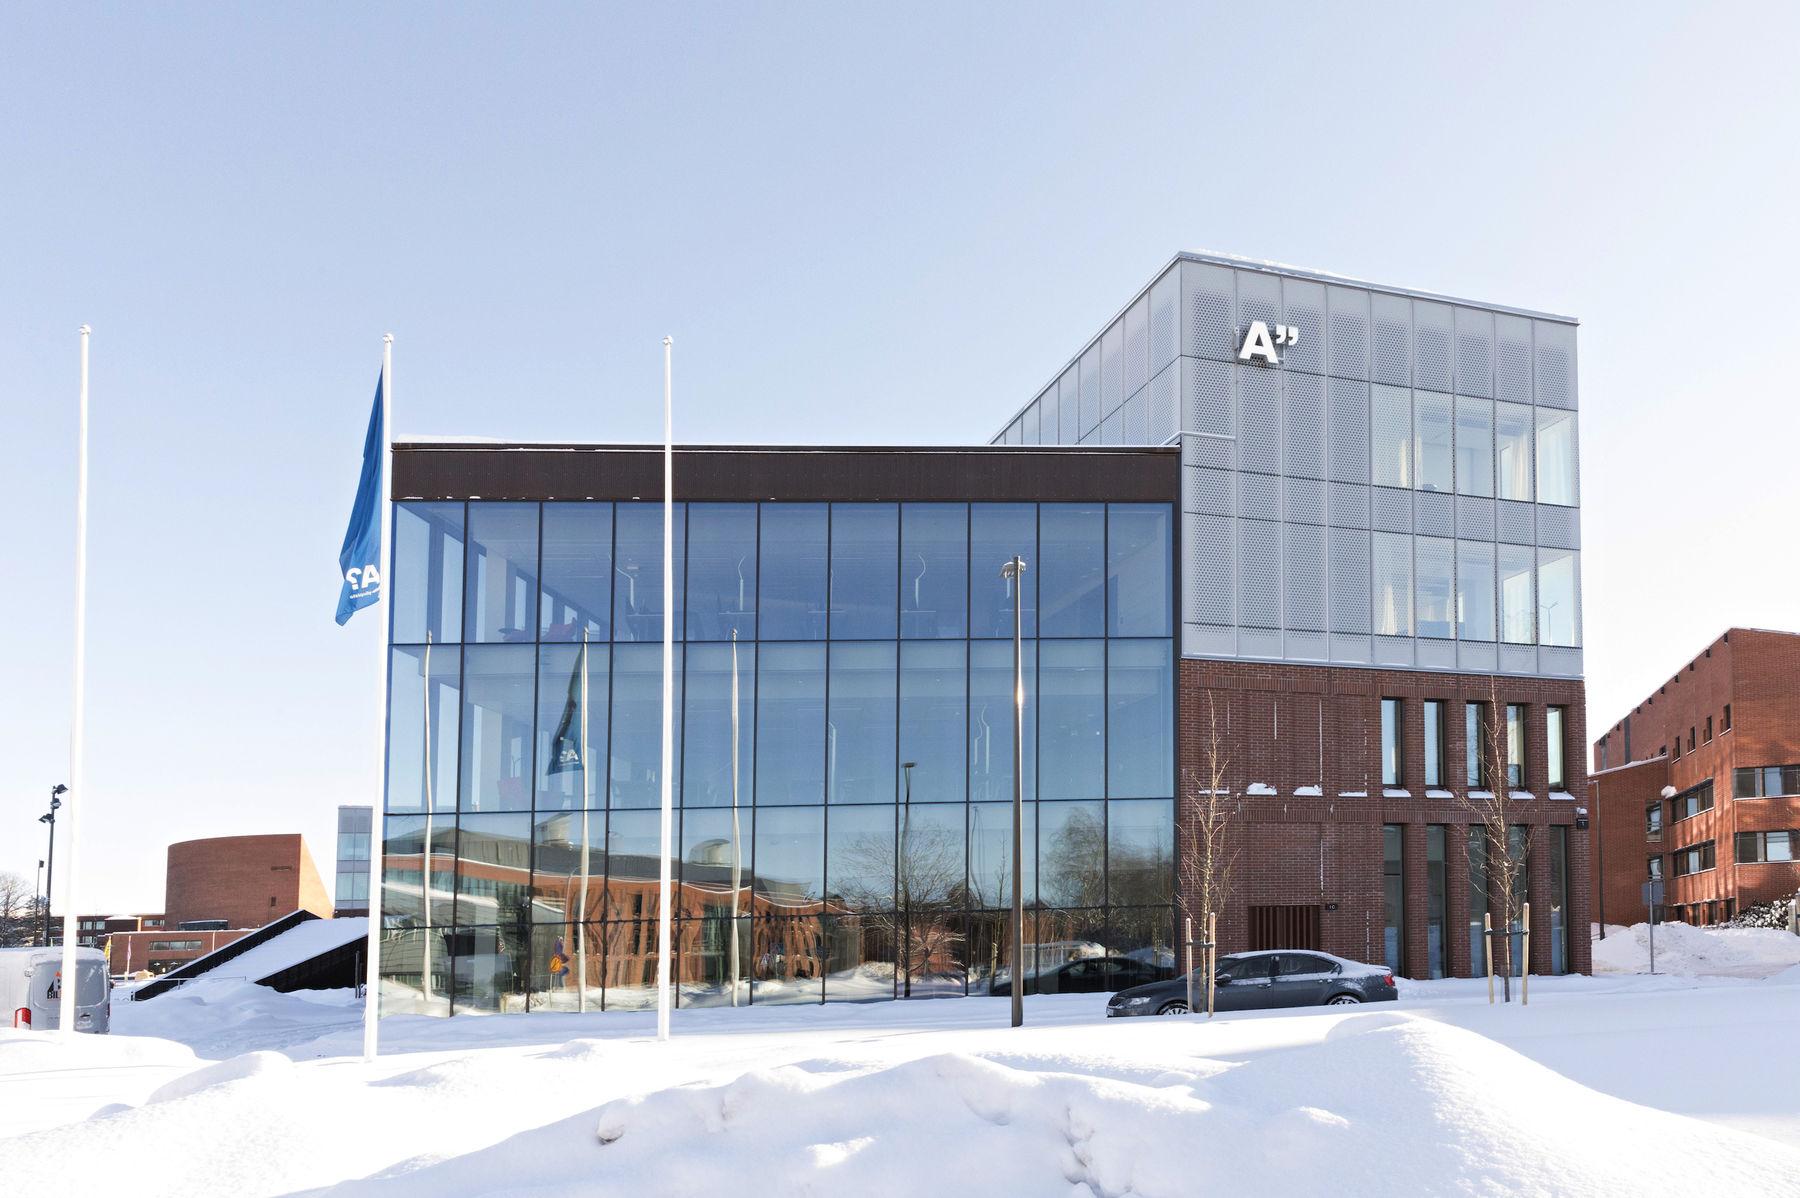 Aalto Yliopisto Kauppakorkeakoulu